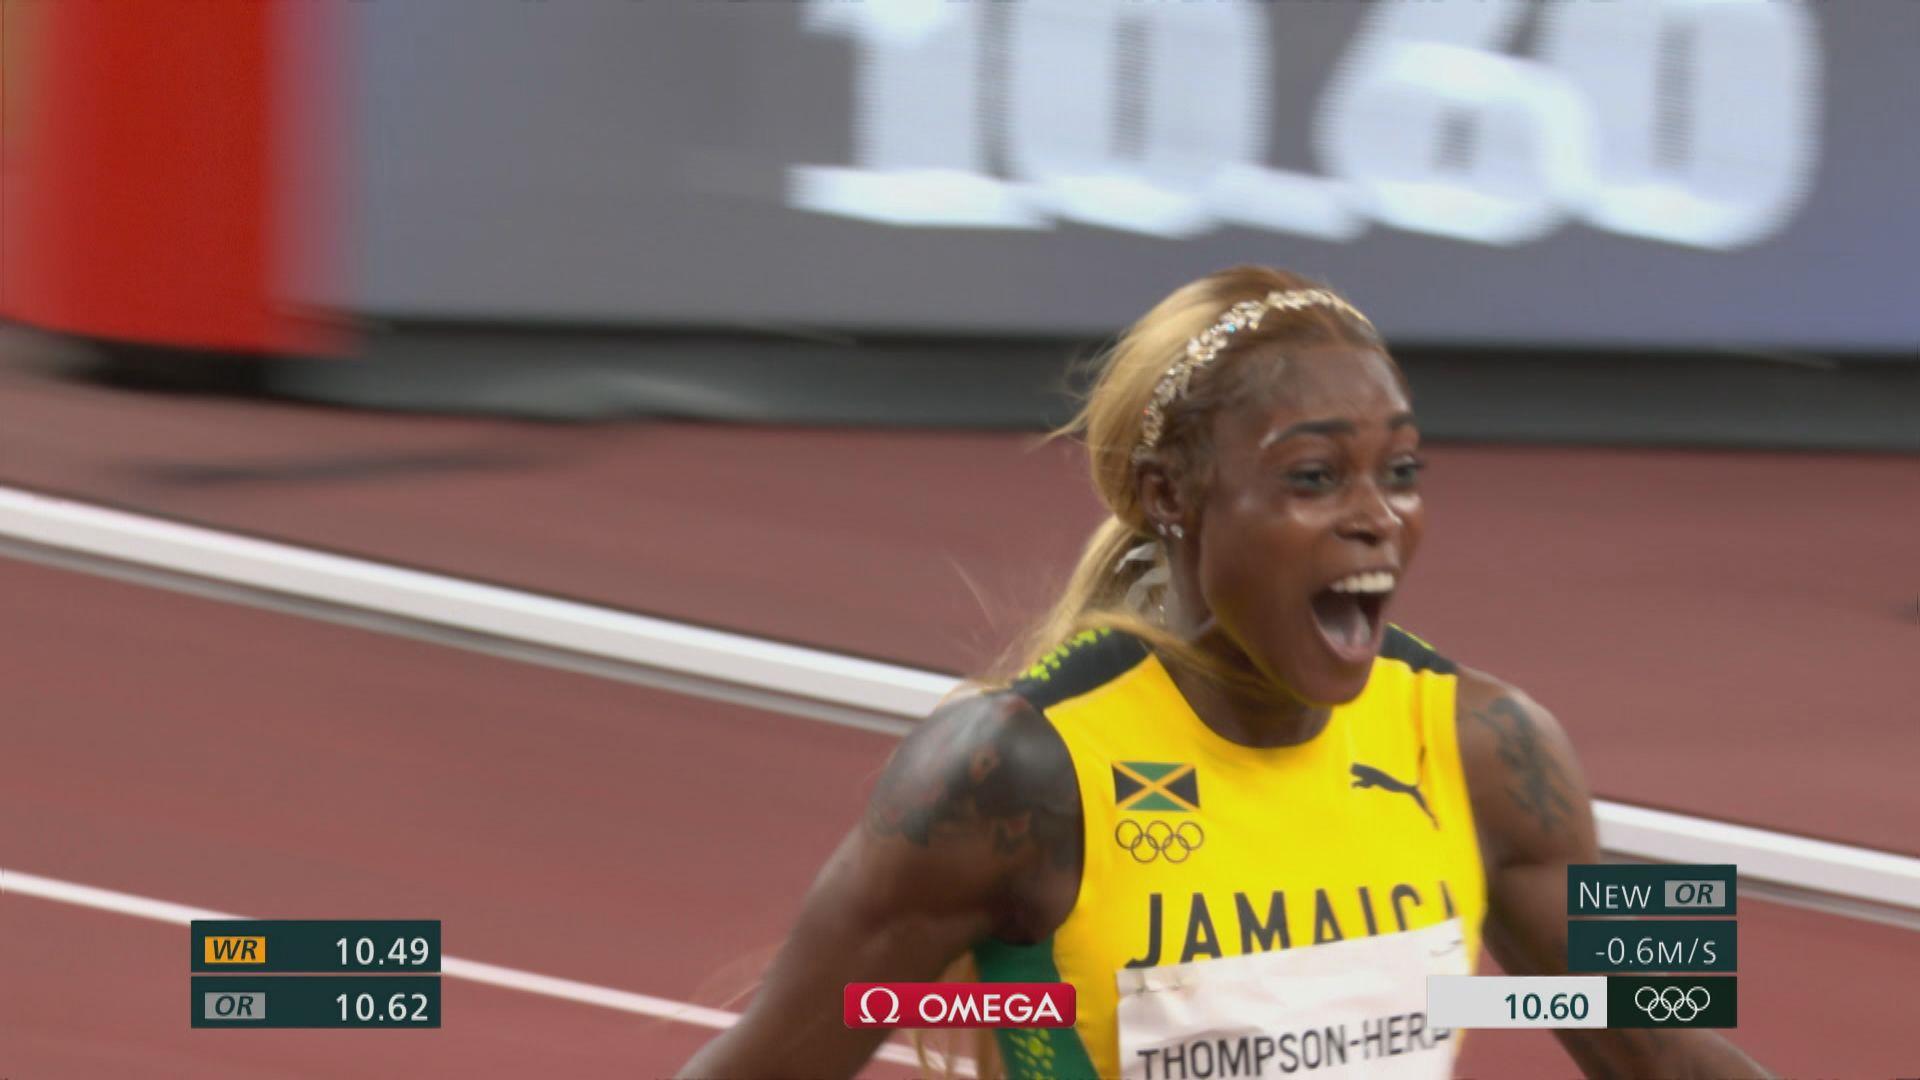 奧運女子100米跑 湯遜希拉破奧運紀錄奪金